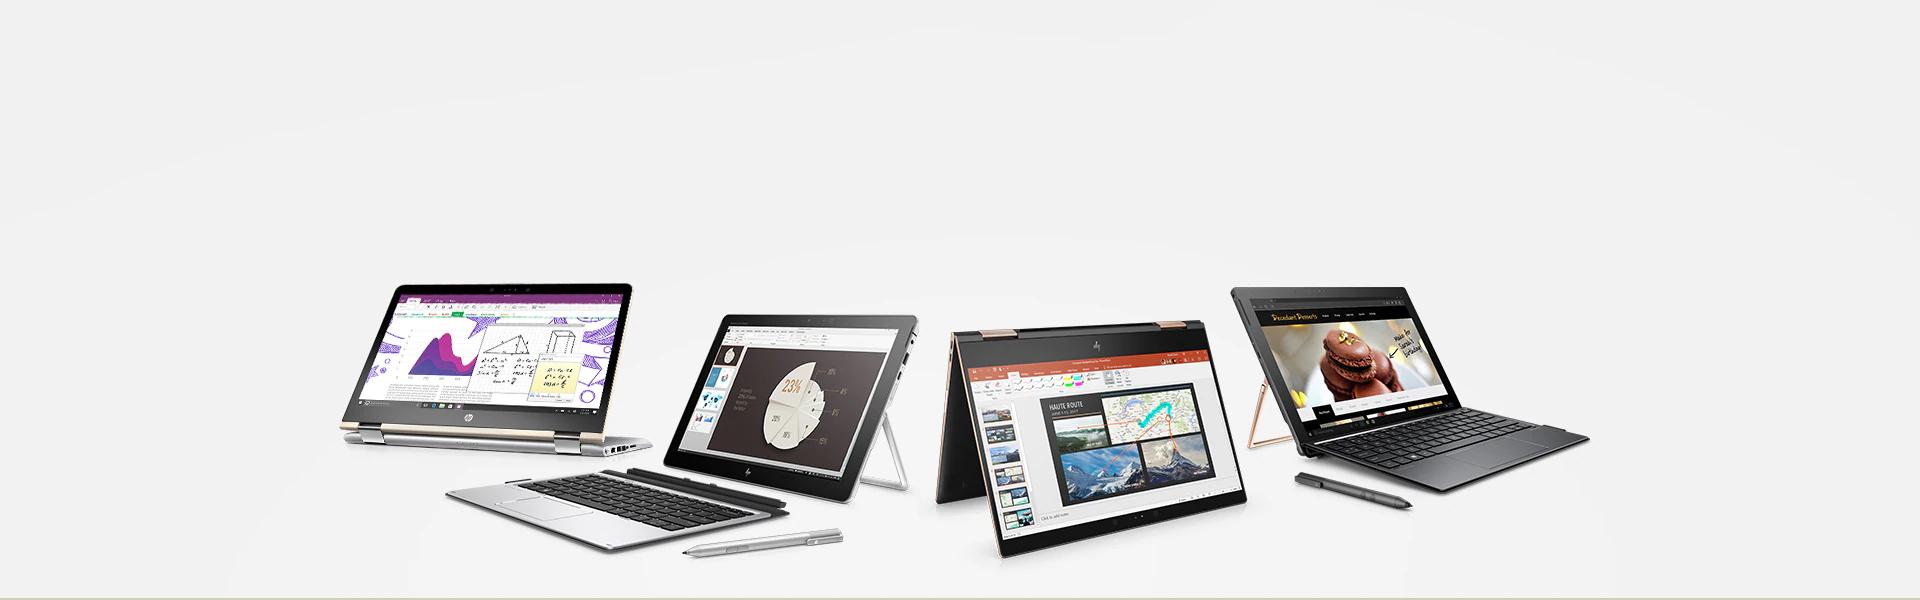 Produktbild von HP, dass sowohl Detachable als auch Folder zeigt